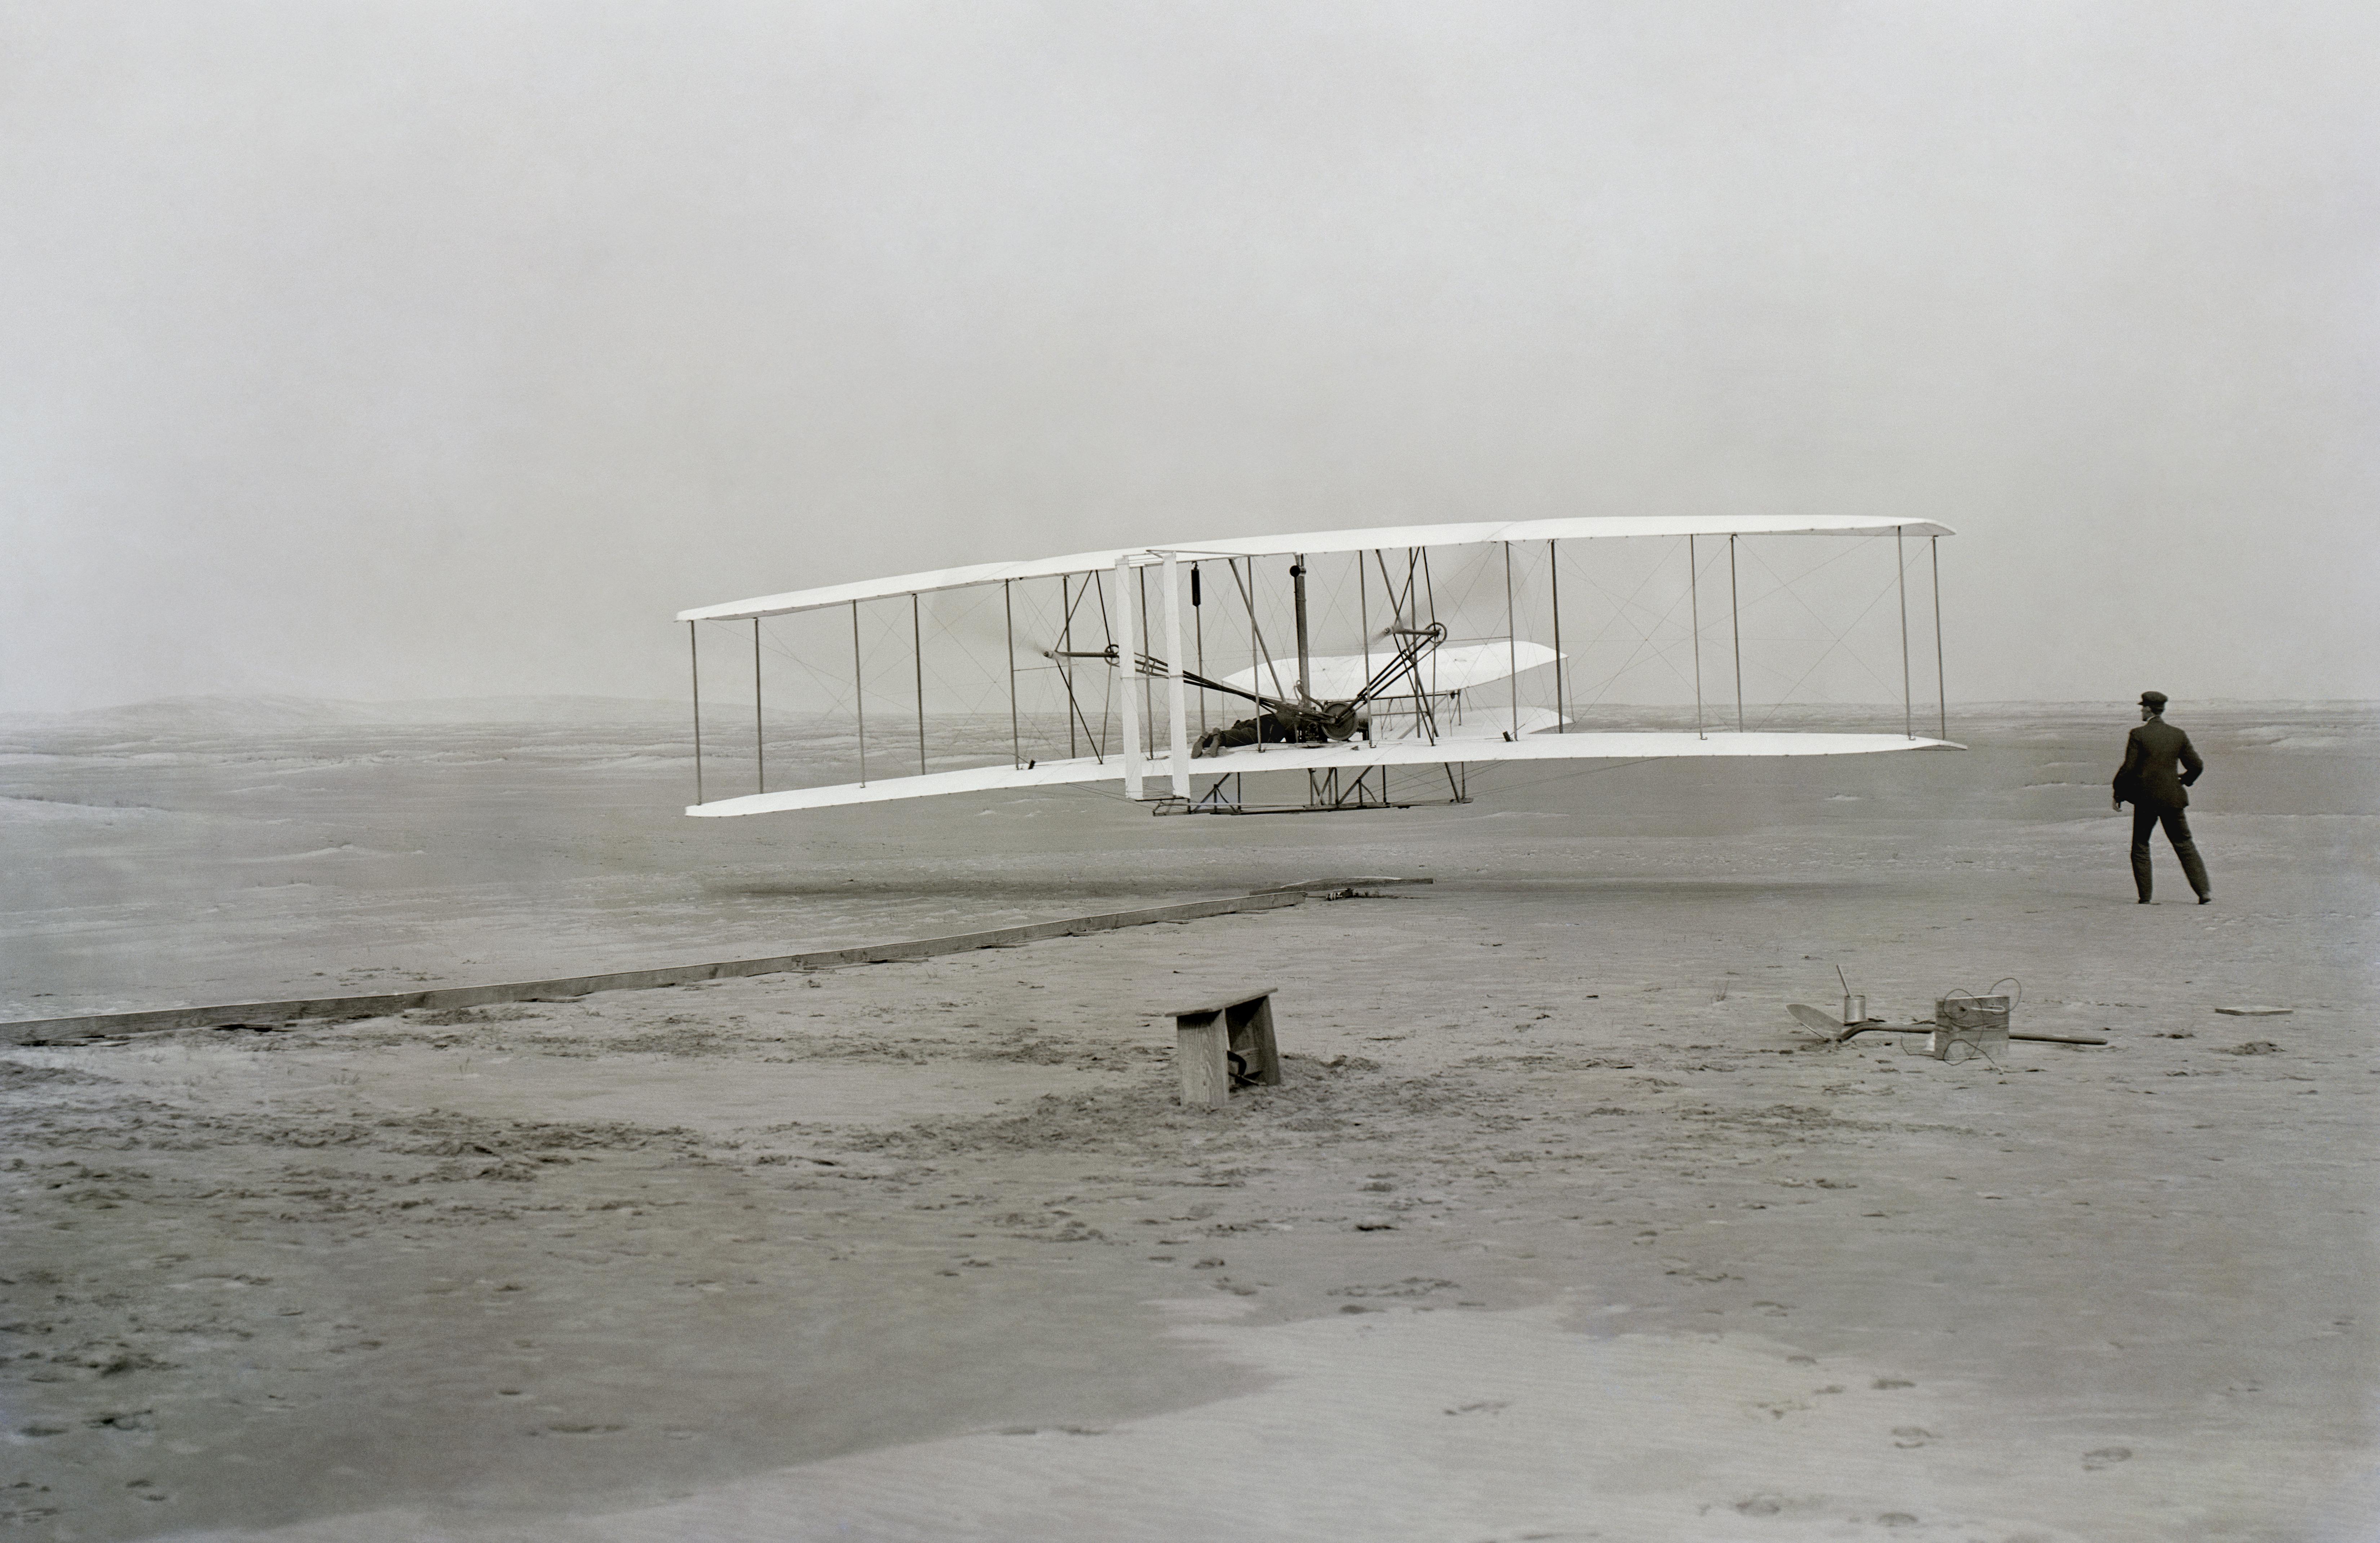 萊特兄弟飛行者一號的首次飛行。攝於1903年12月17日。奧維爾擔任駕駛員,威爾伯在翼尖處跟跑。(國會圖書館)